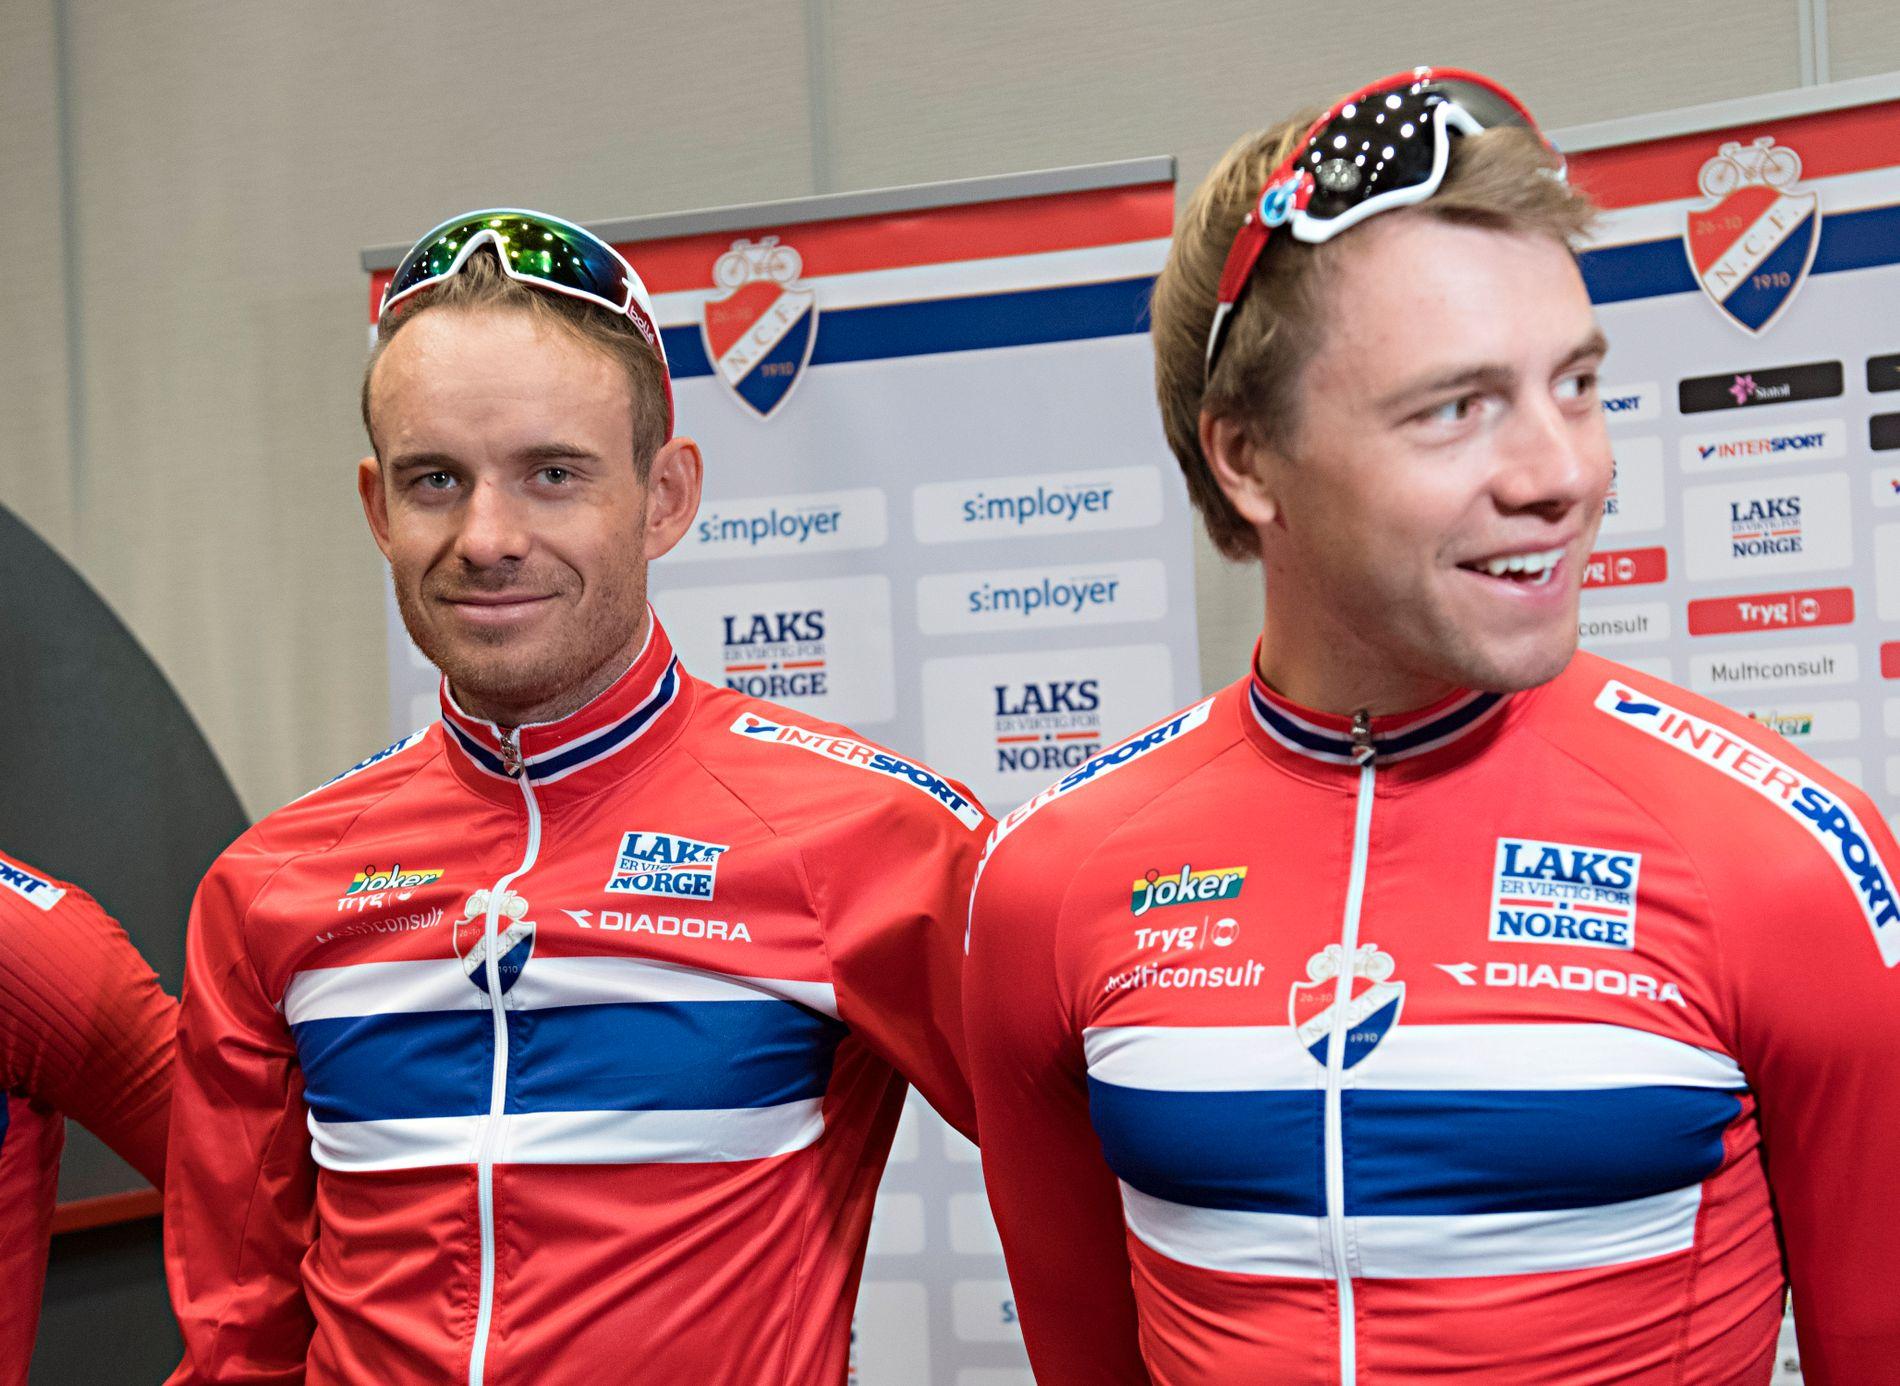 HVEM SKAL VÆRE SJEF: Alexander Kristoff (t.v.) og Edvald Boasson Hagen er klare for sykkel-VM i England. Her fra presentasjonen før VM i Bergen for to år siden.